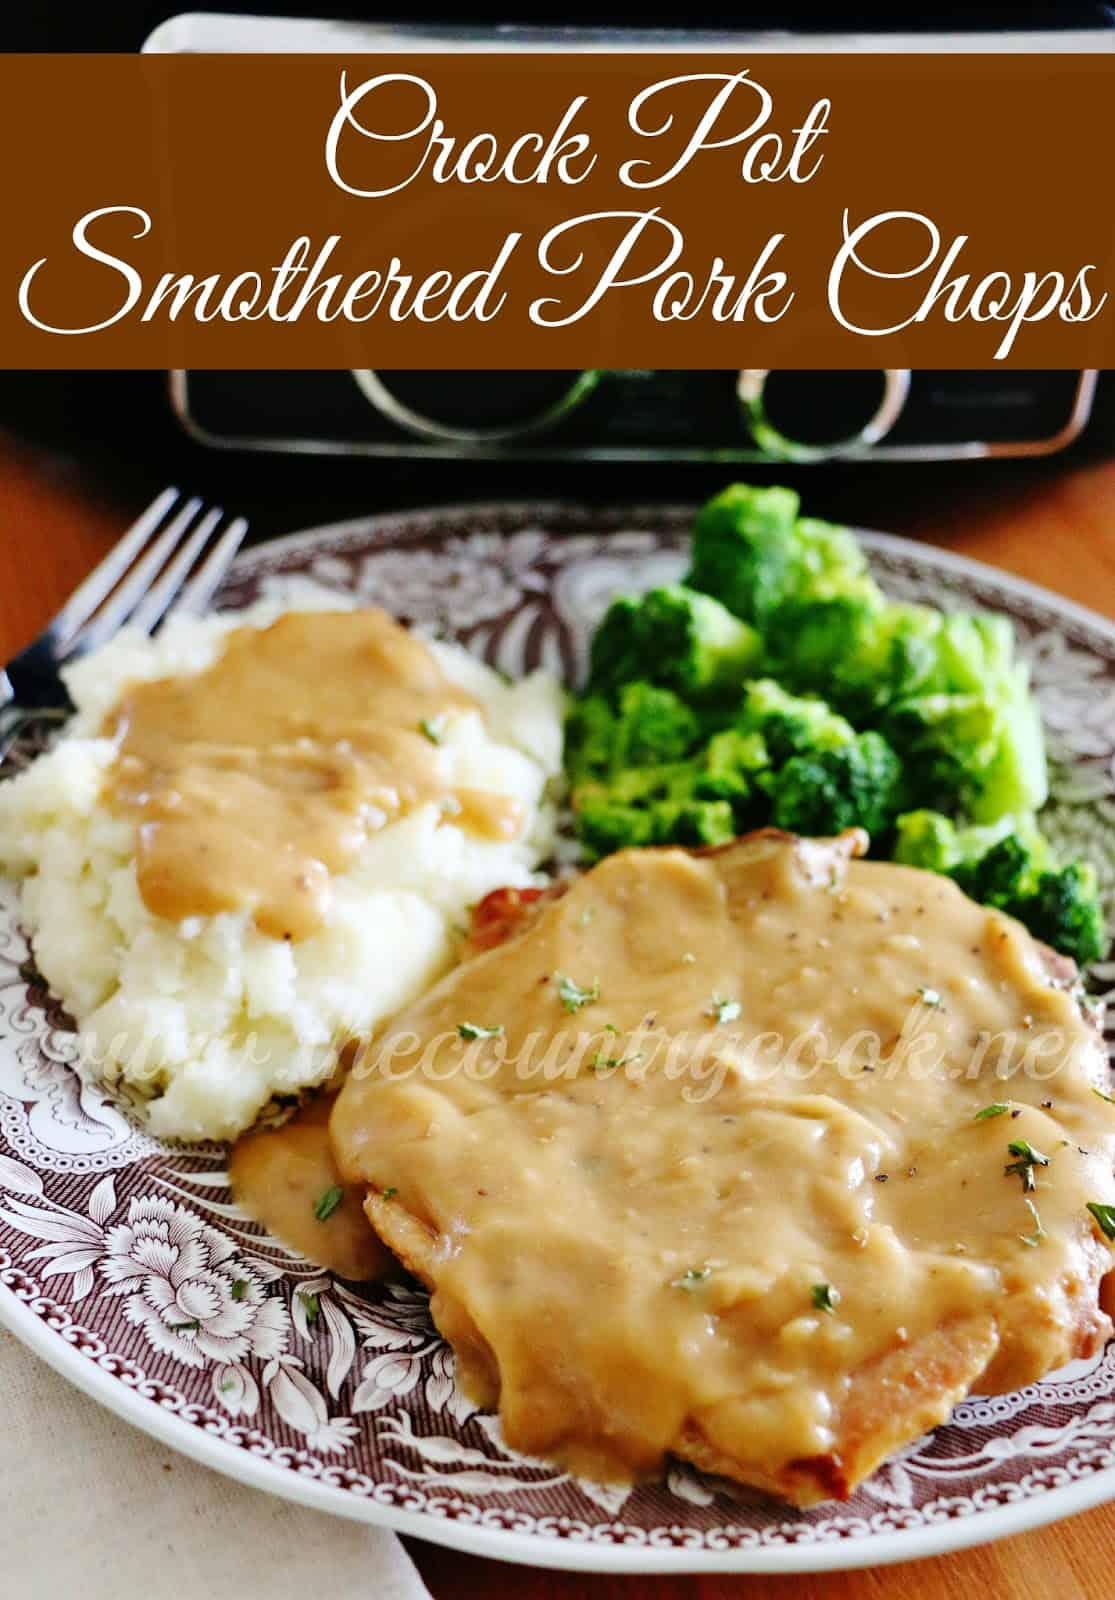 Gravy recipes for pork chops